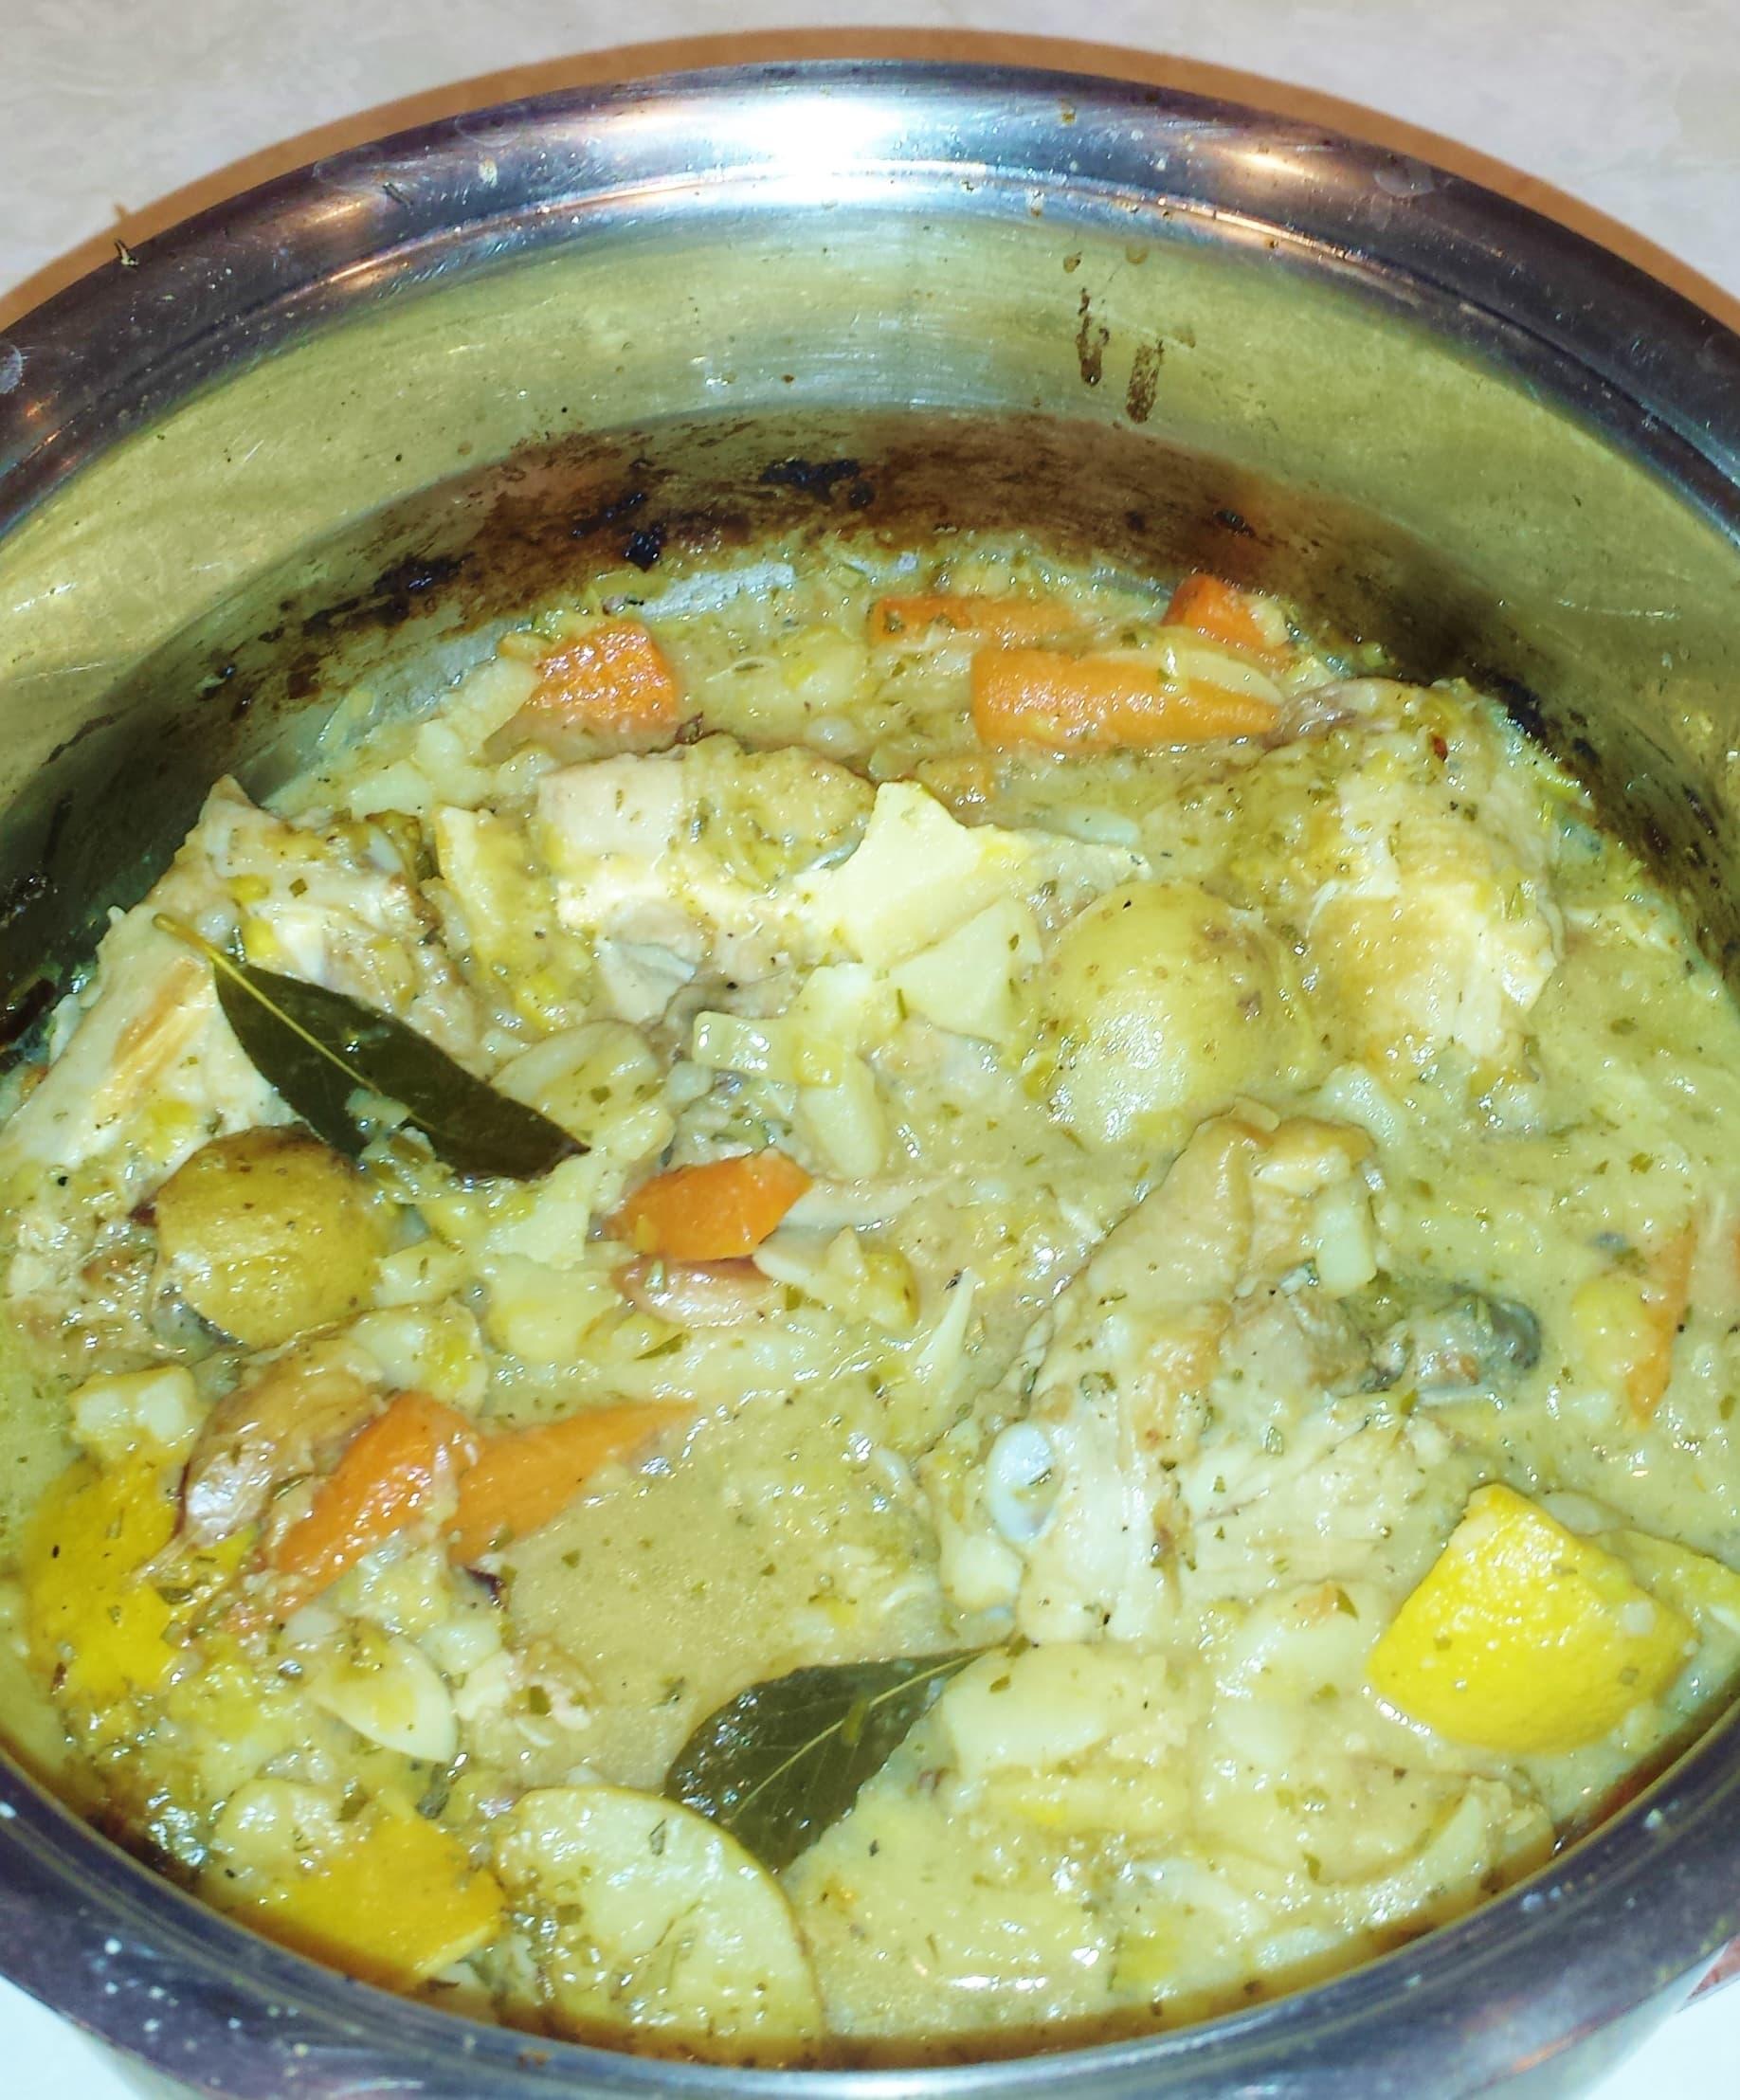 Lemon Rosemary Chicken and Potatoes